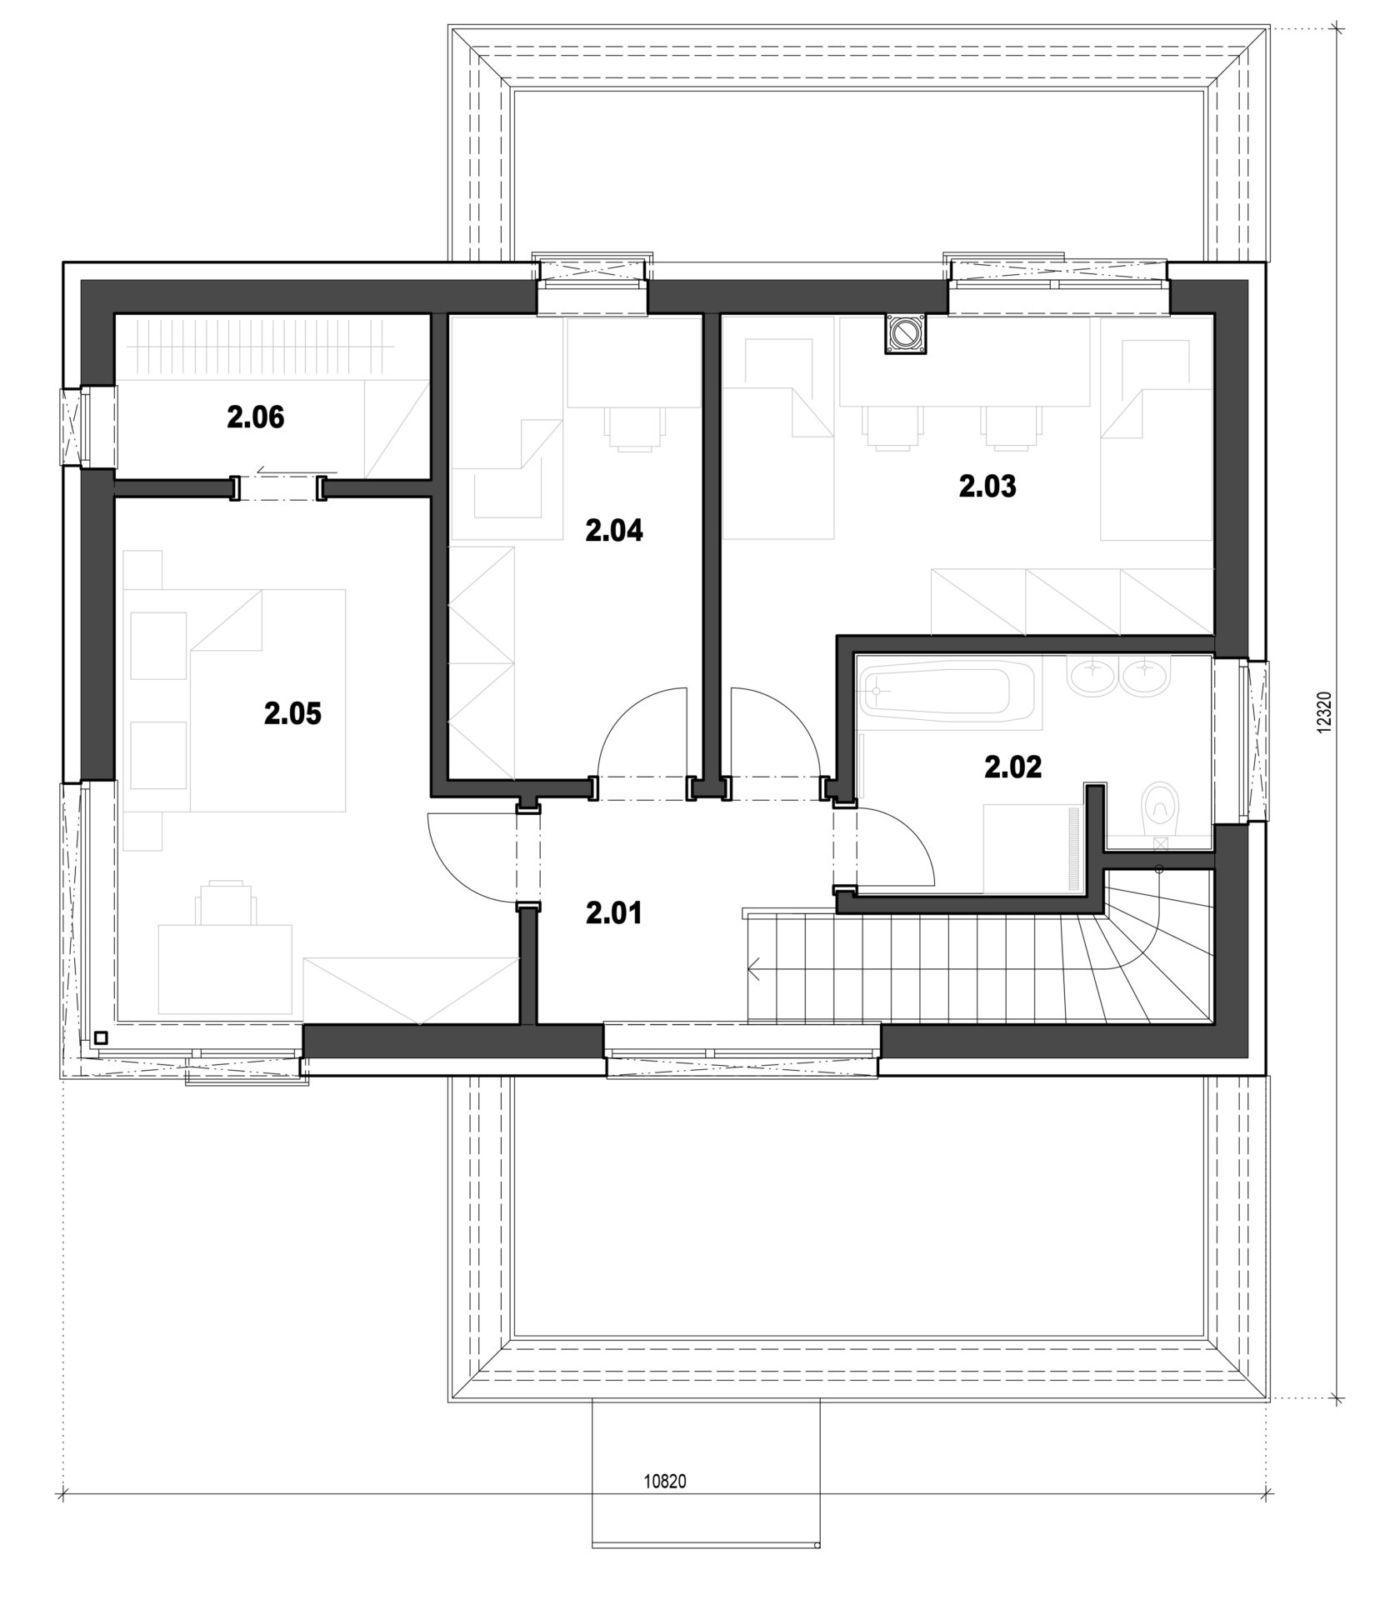 Rodinný dom 8 2. nadzemné podlažie pôdorys